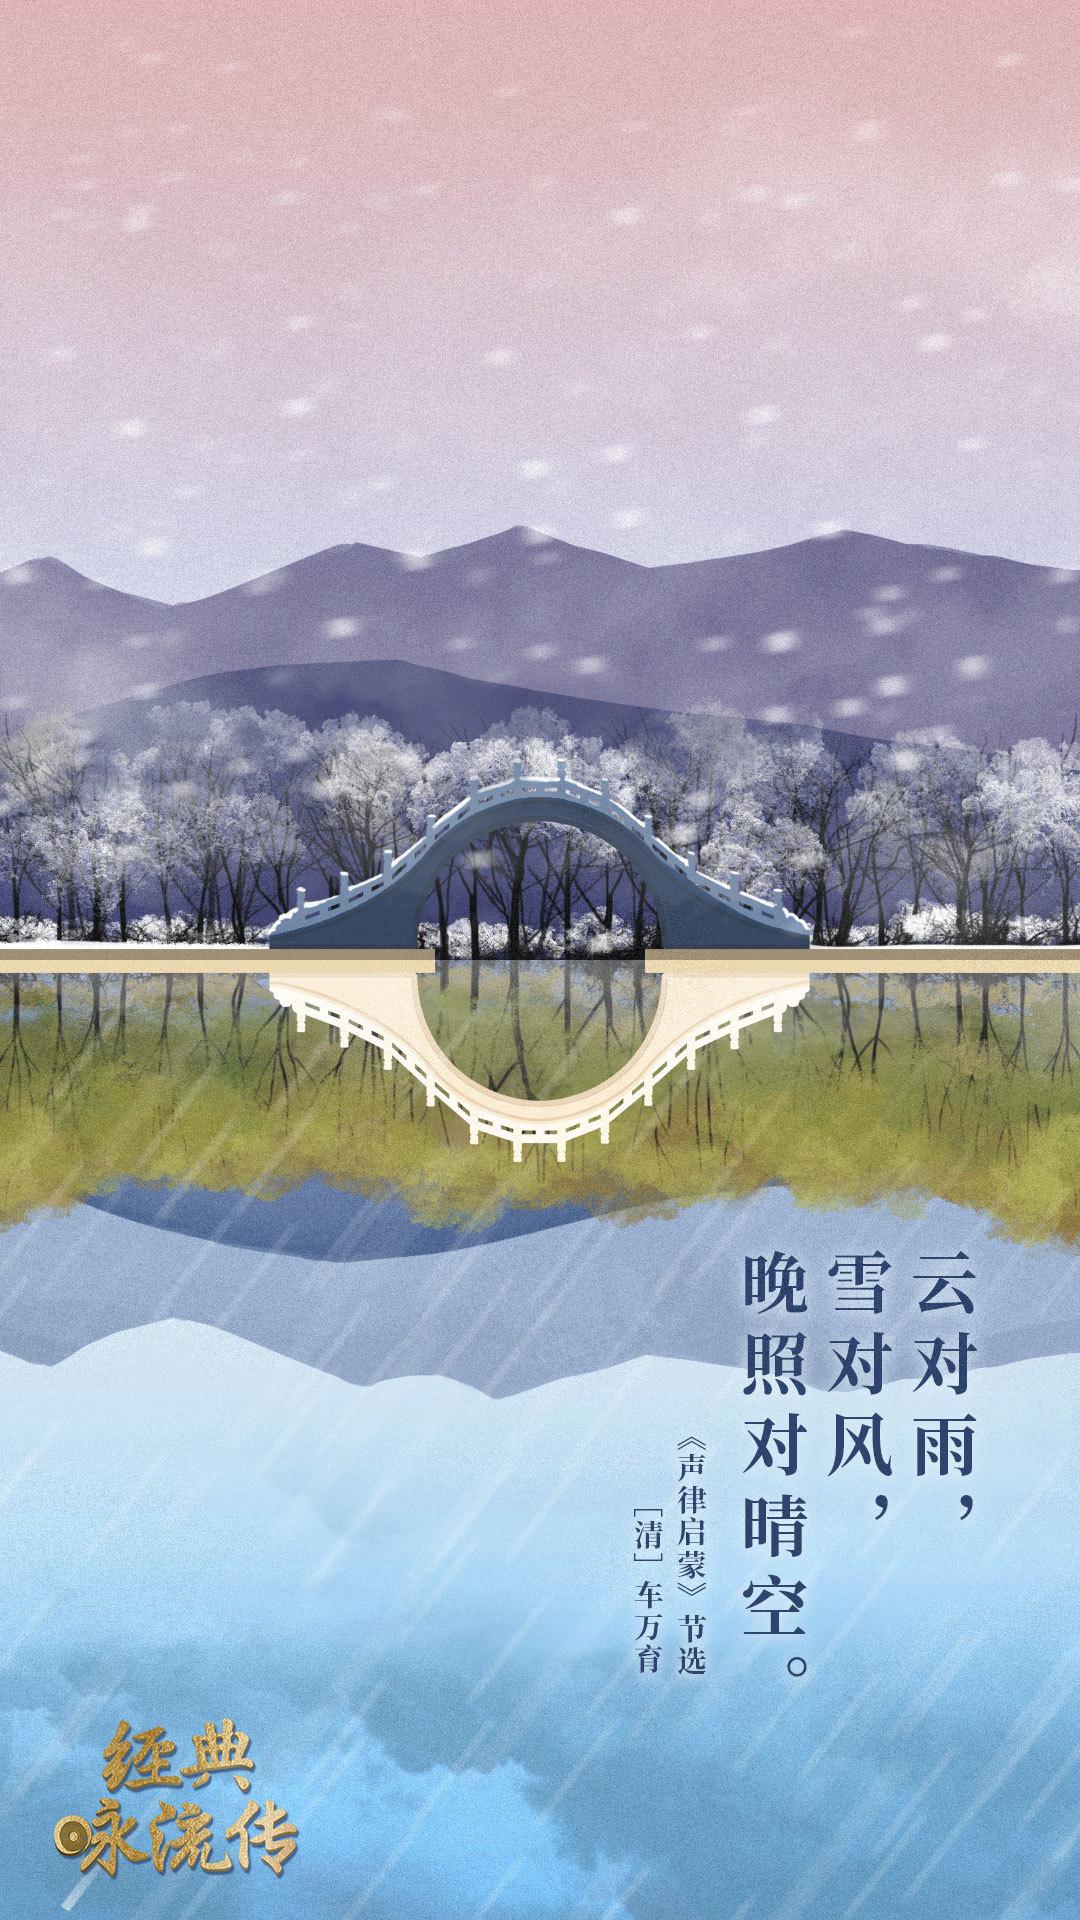 《经典咏流传》诗词意境海报合集 欣赏-第23张